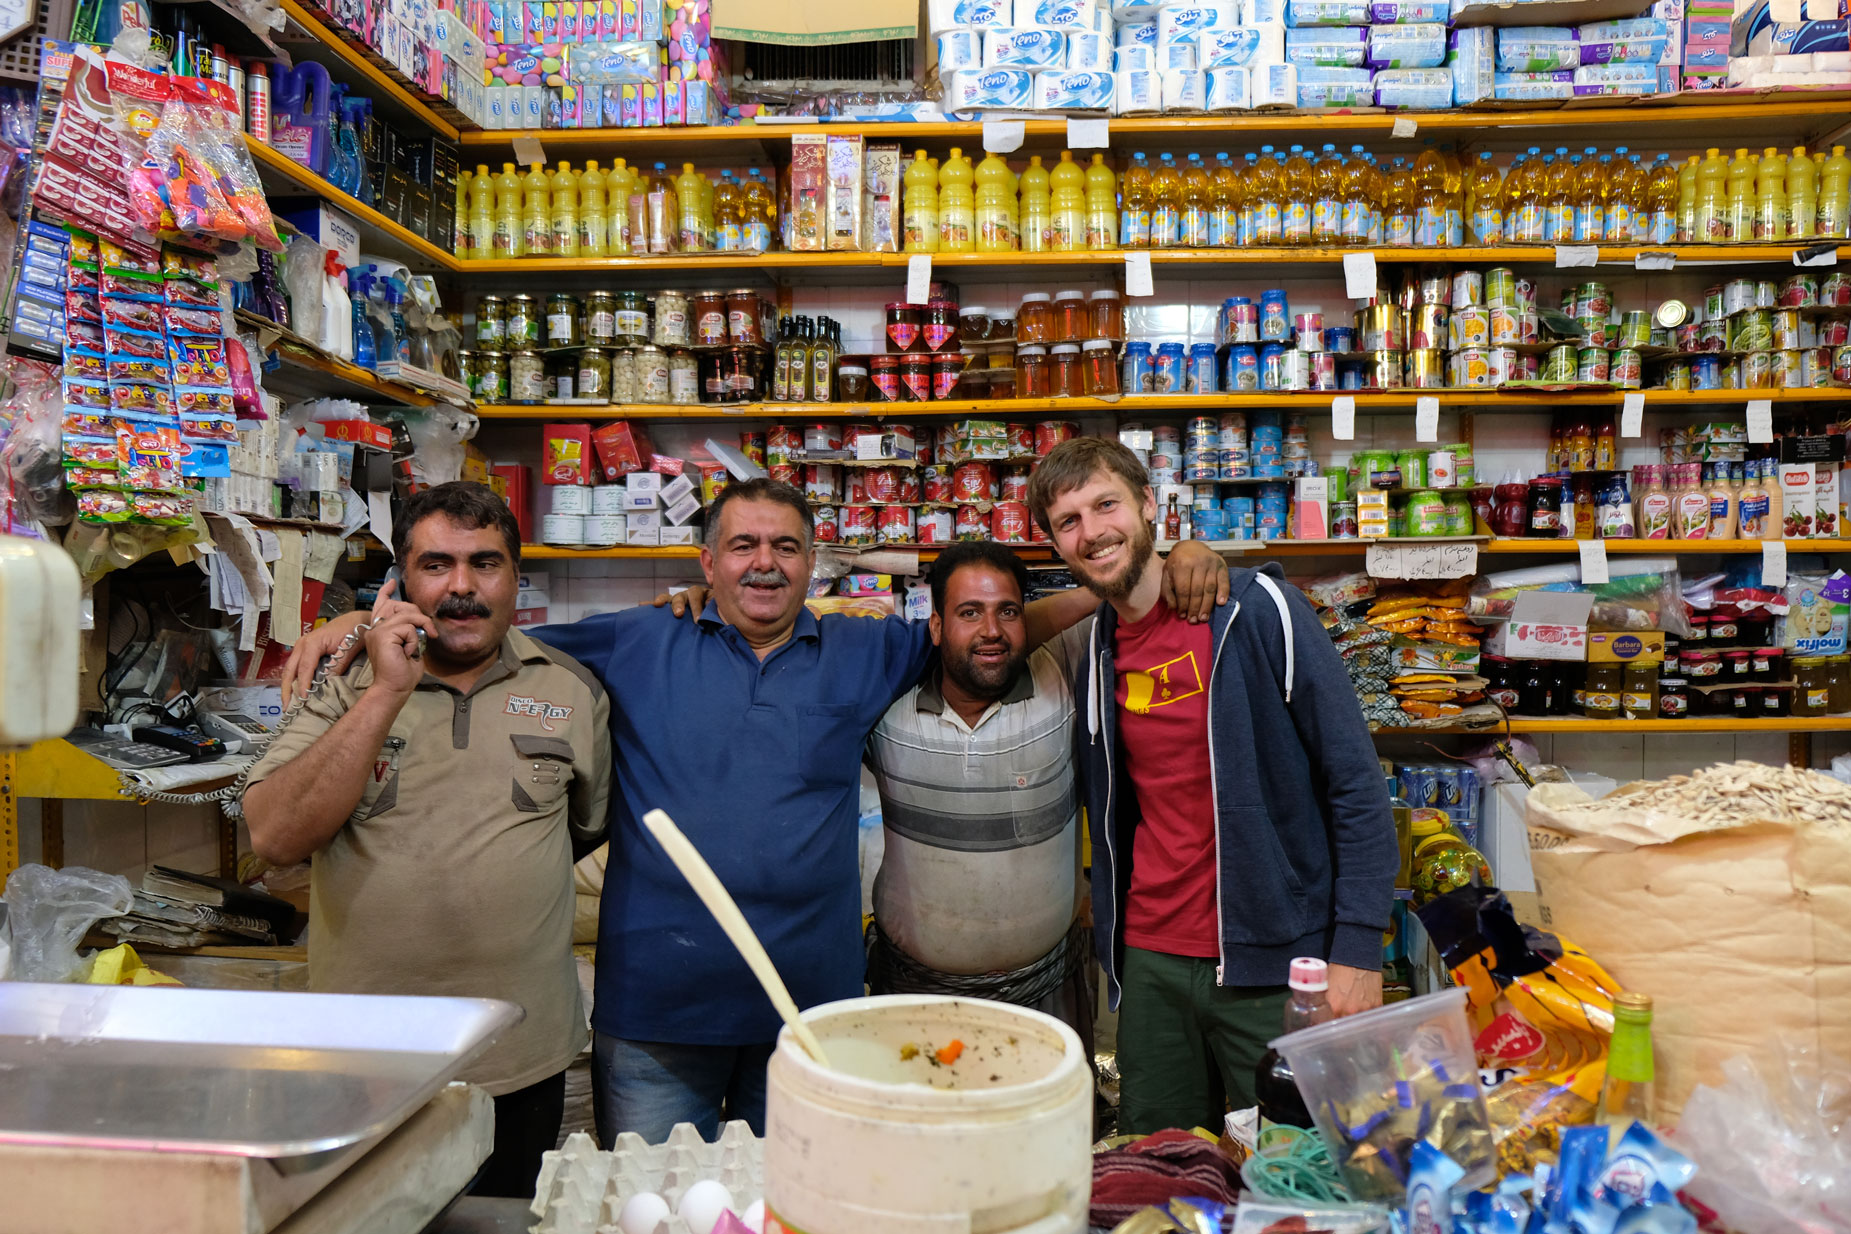 Sebastian mit drei Männern in einem kleinen Lebensmittelgeschäft